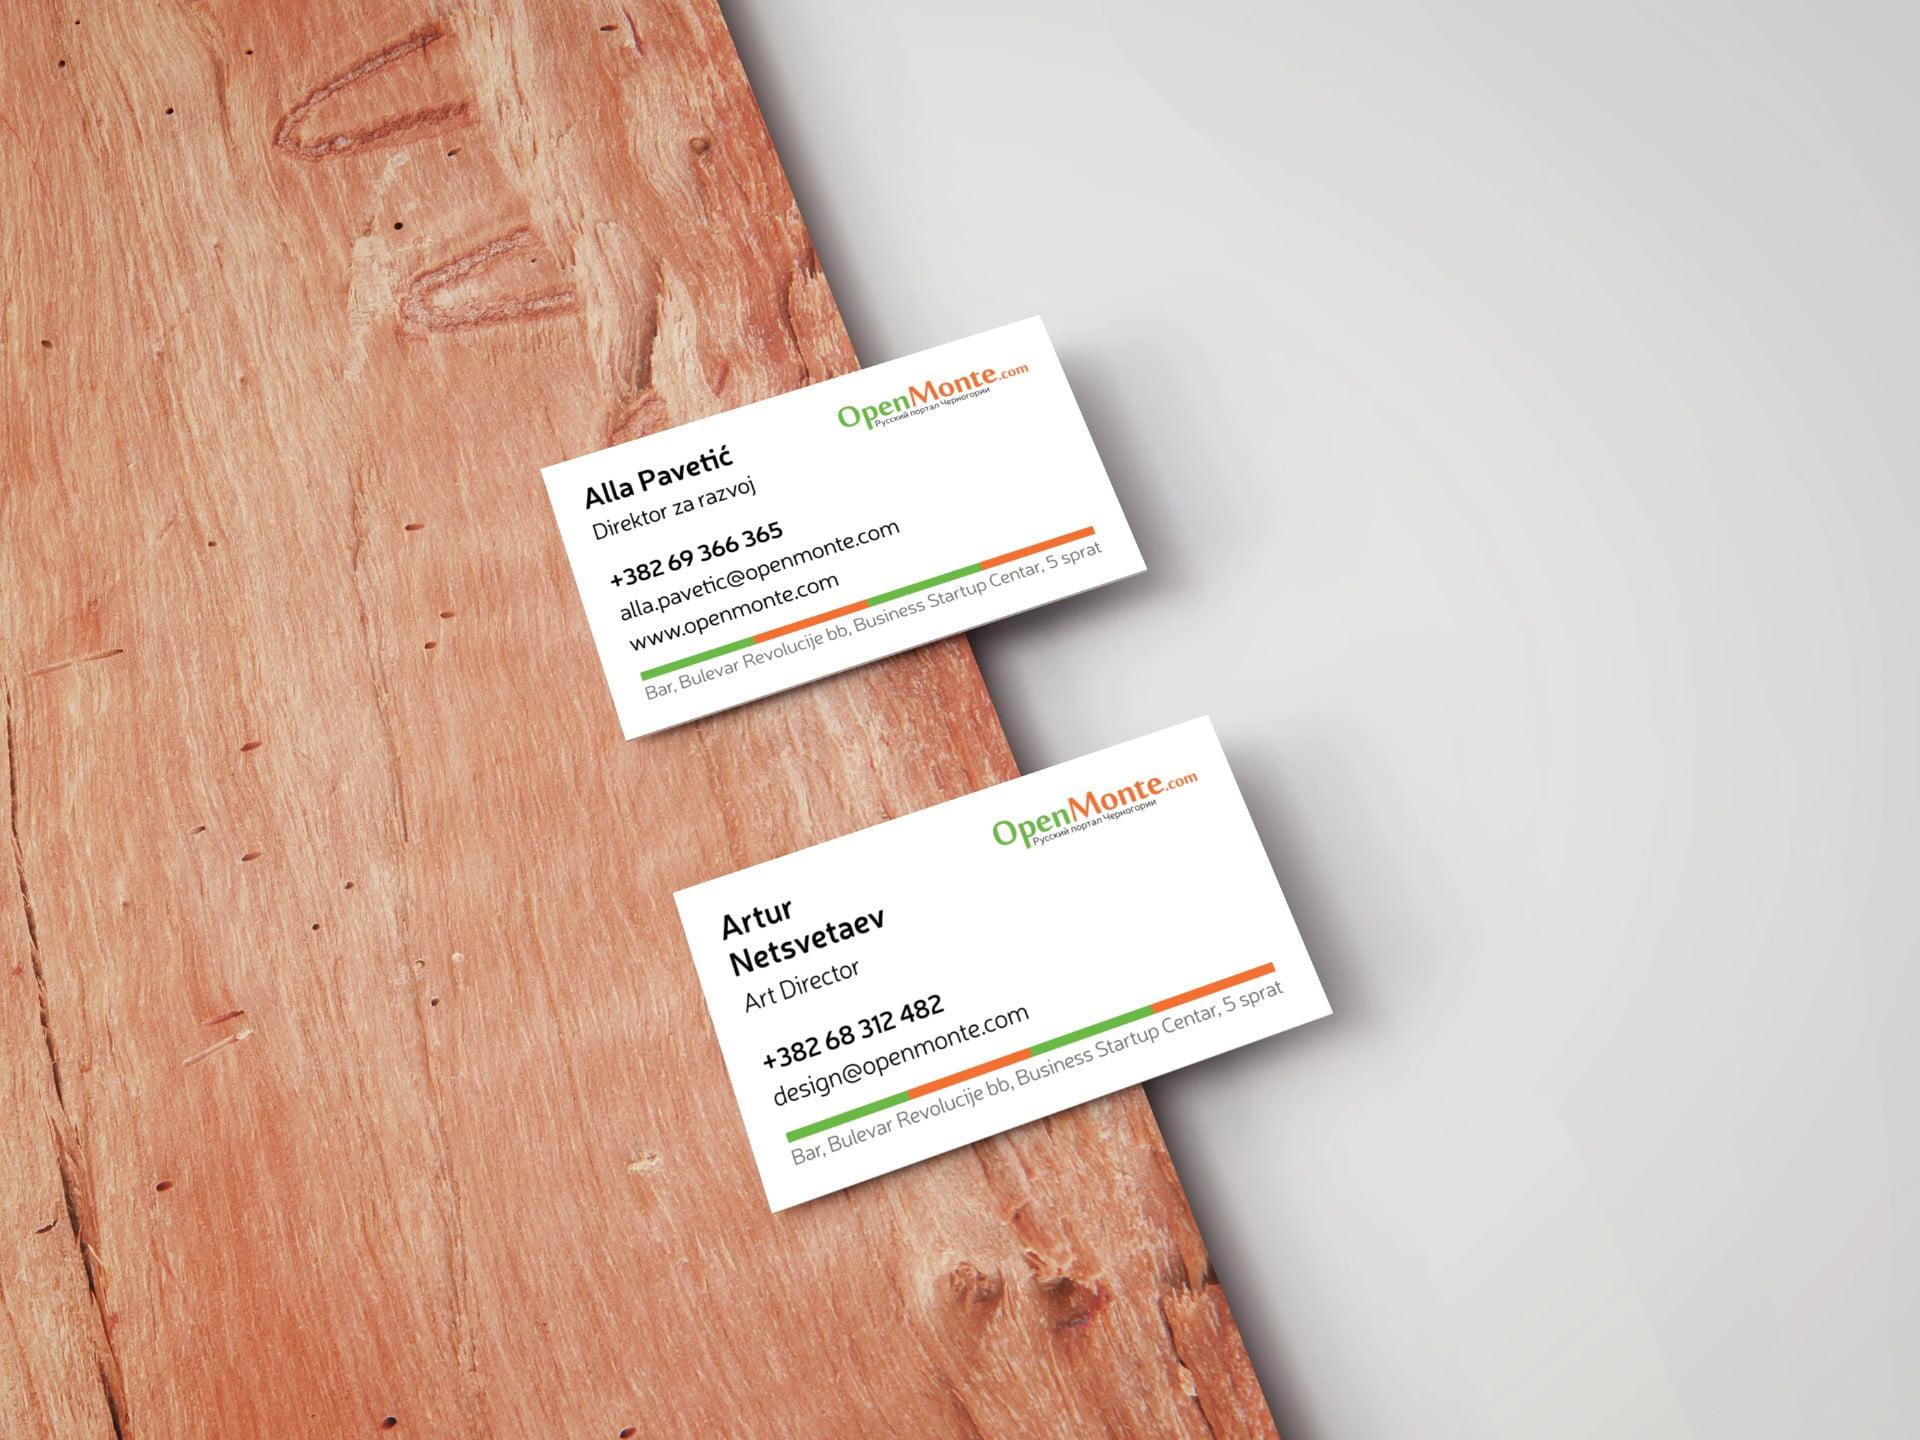 Логотип и визитки Опенмонте Сайт Артура Нецветаева — сайты, приложения, прототипы и оформление интерфейсов business card mockup on wooden board